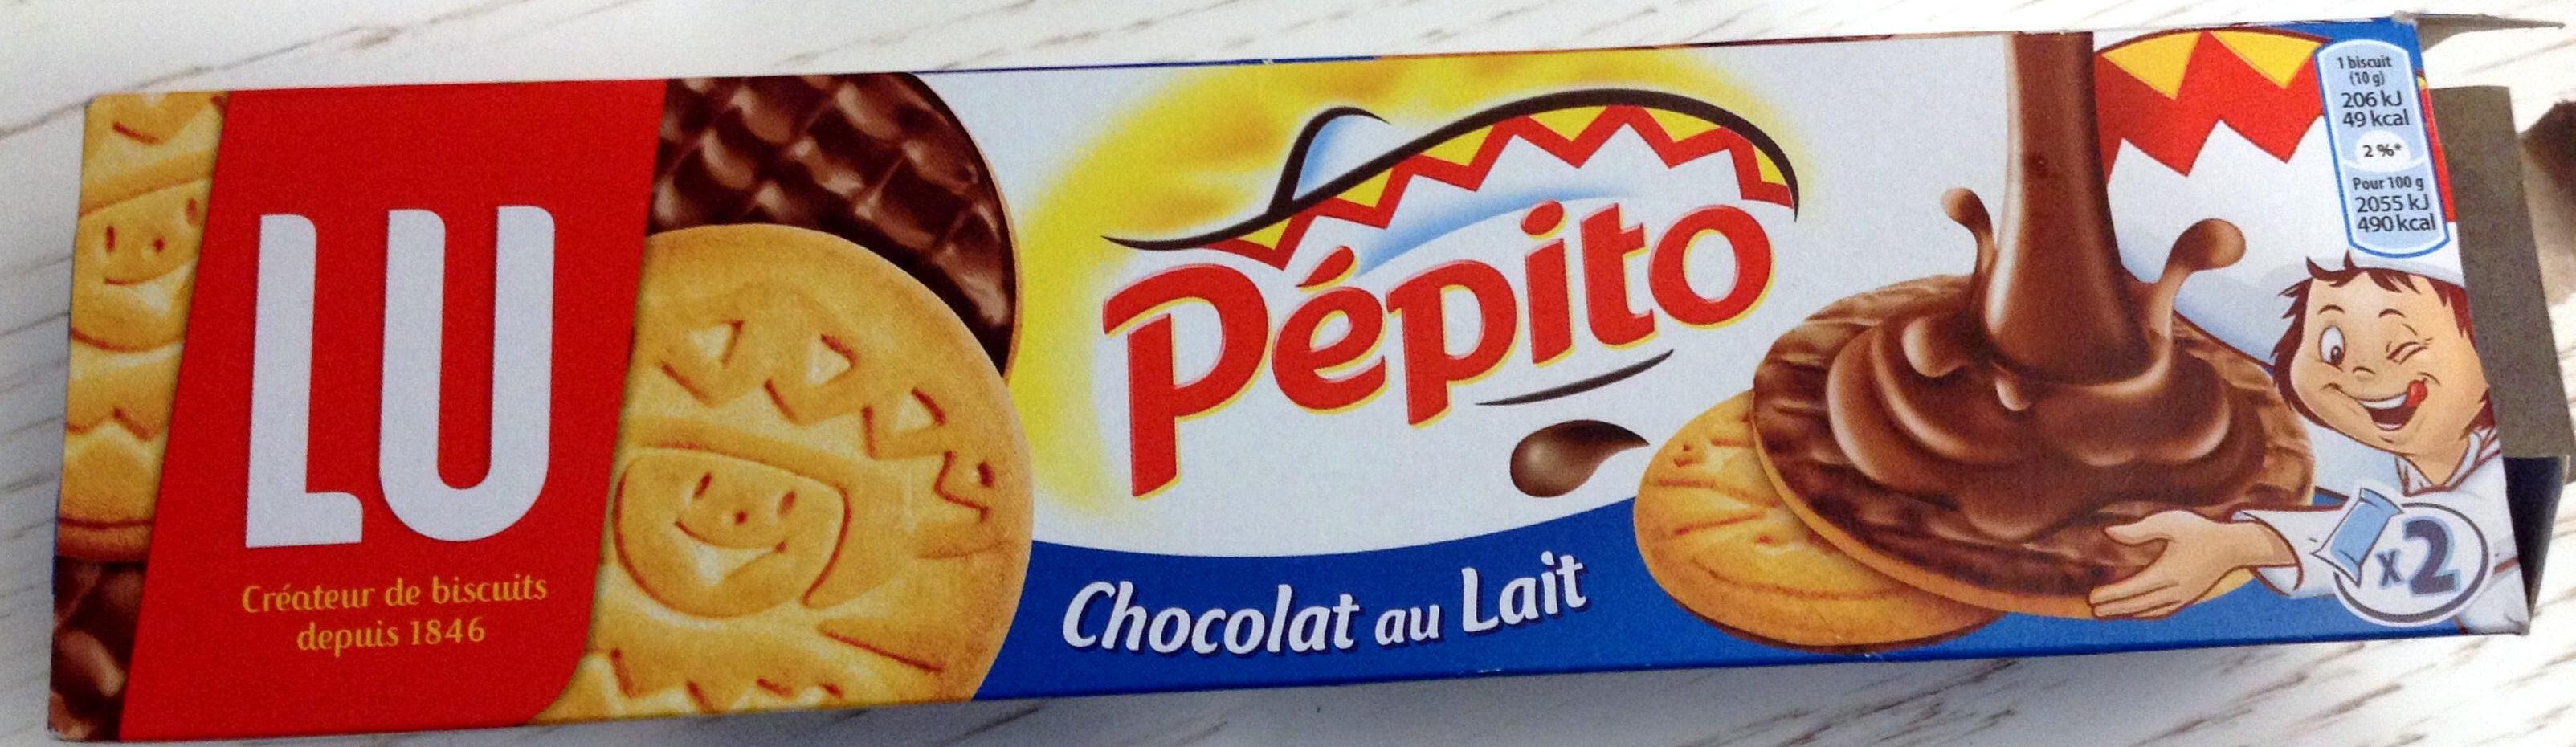 Pépito chocolat au lait - Produit